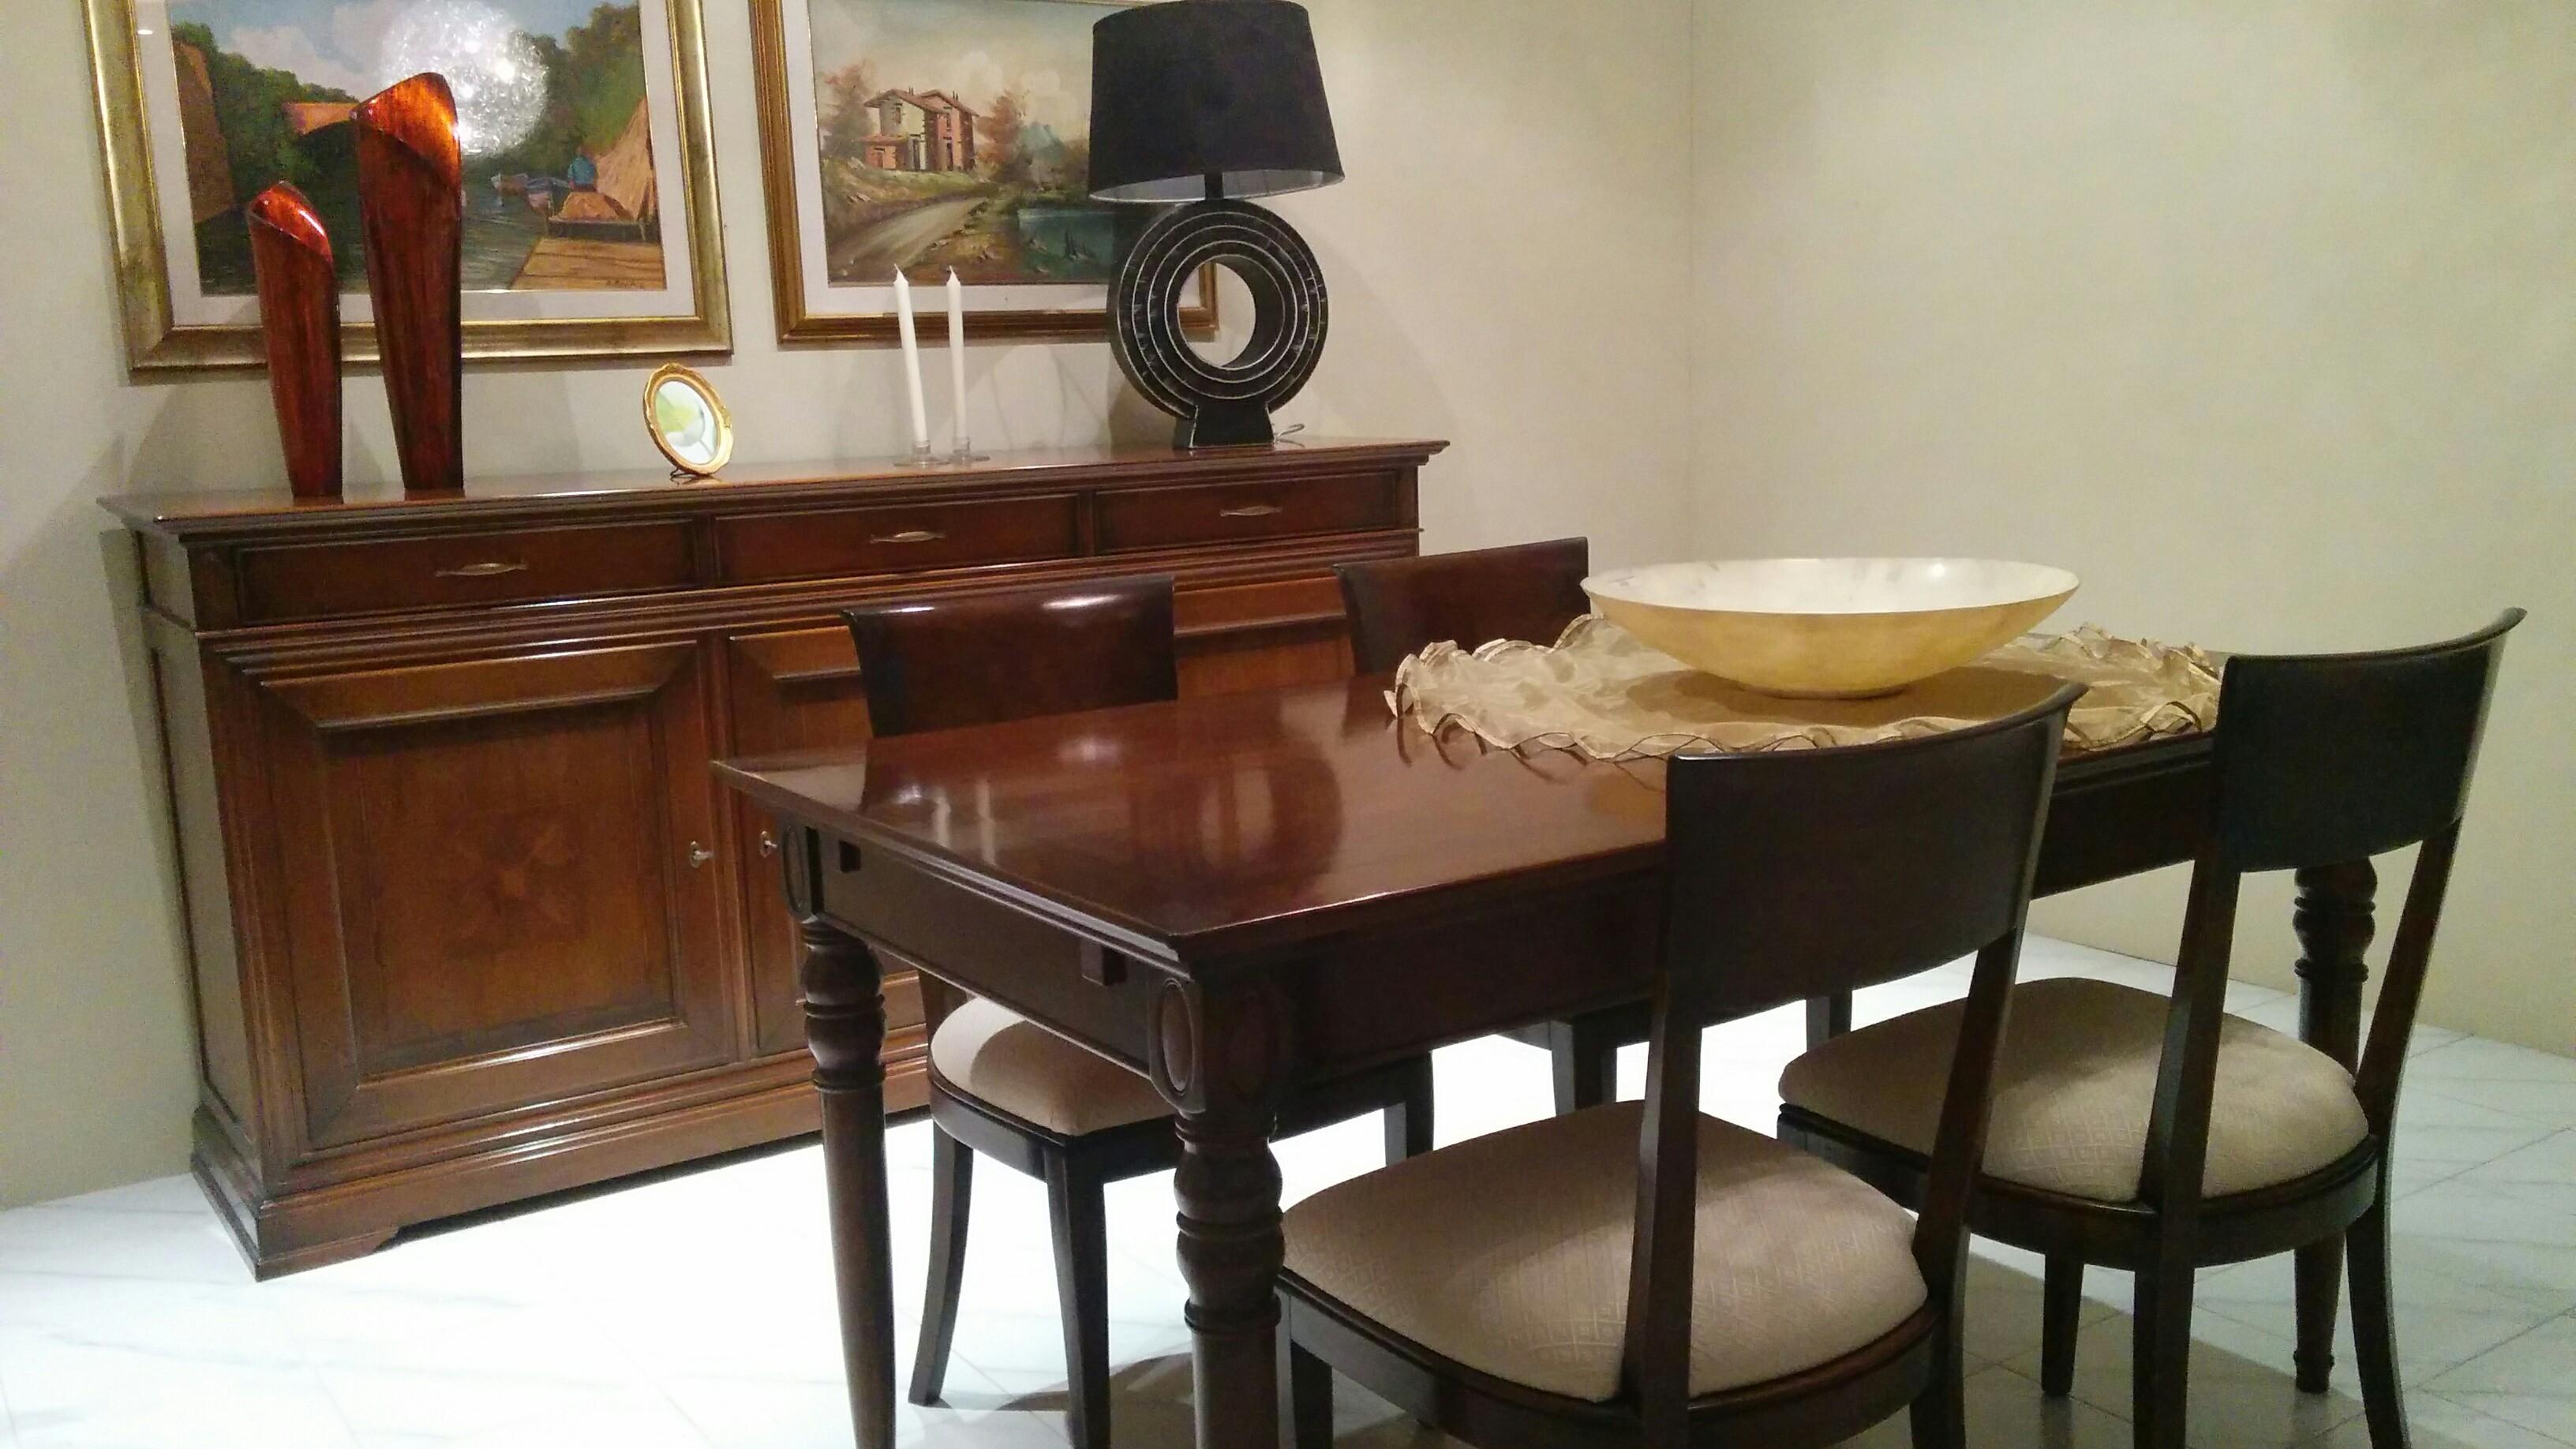 00 Sconto Del 33 % Sala Da Pranzo Le Fablier In Offerta Sala Da Pranzo #946E37 3264 1836 Tavoli E Sedie Per Sala Da Pranzo